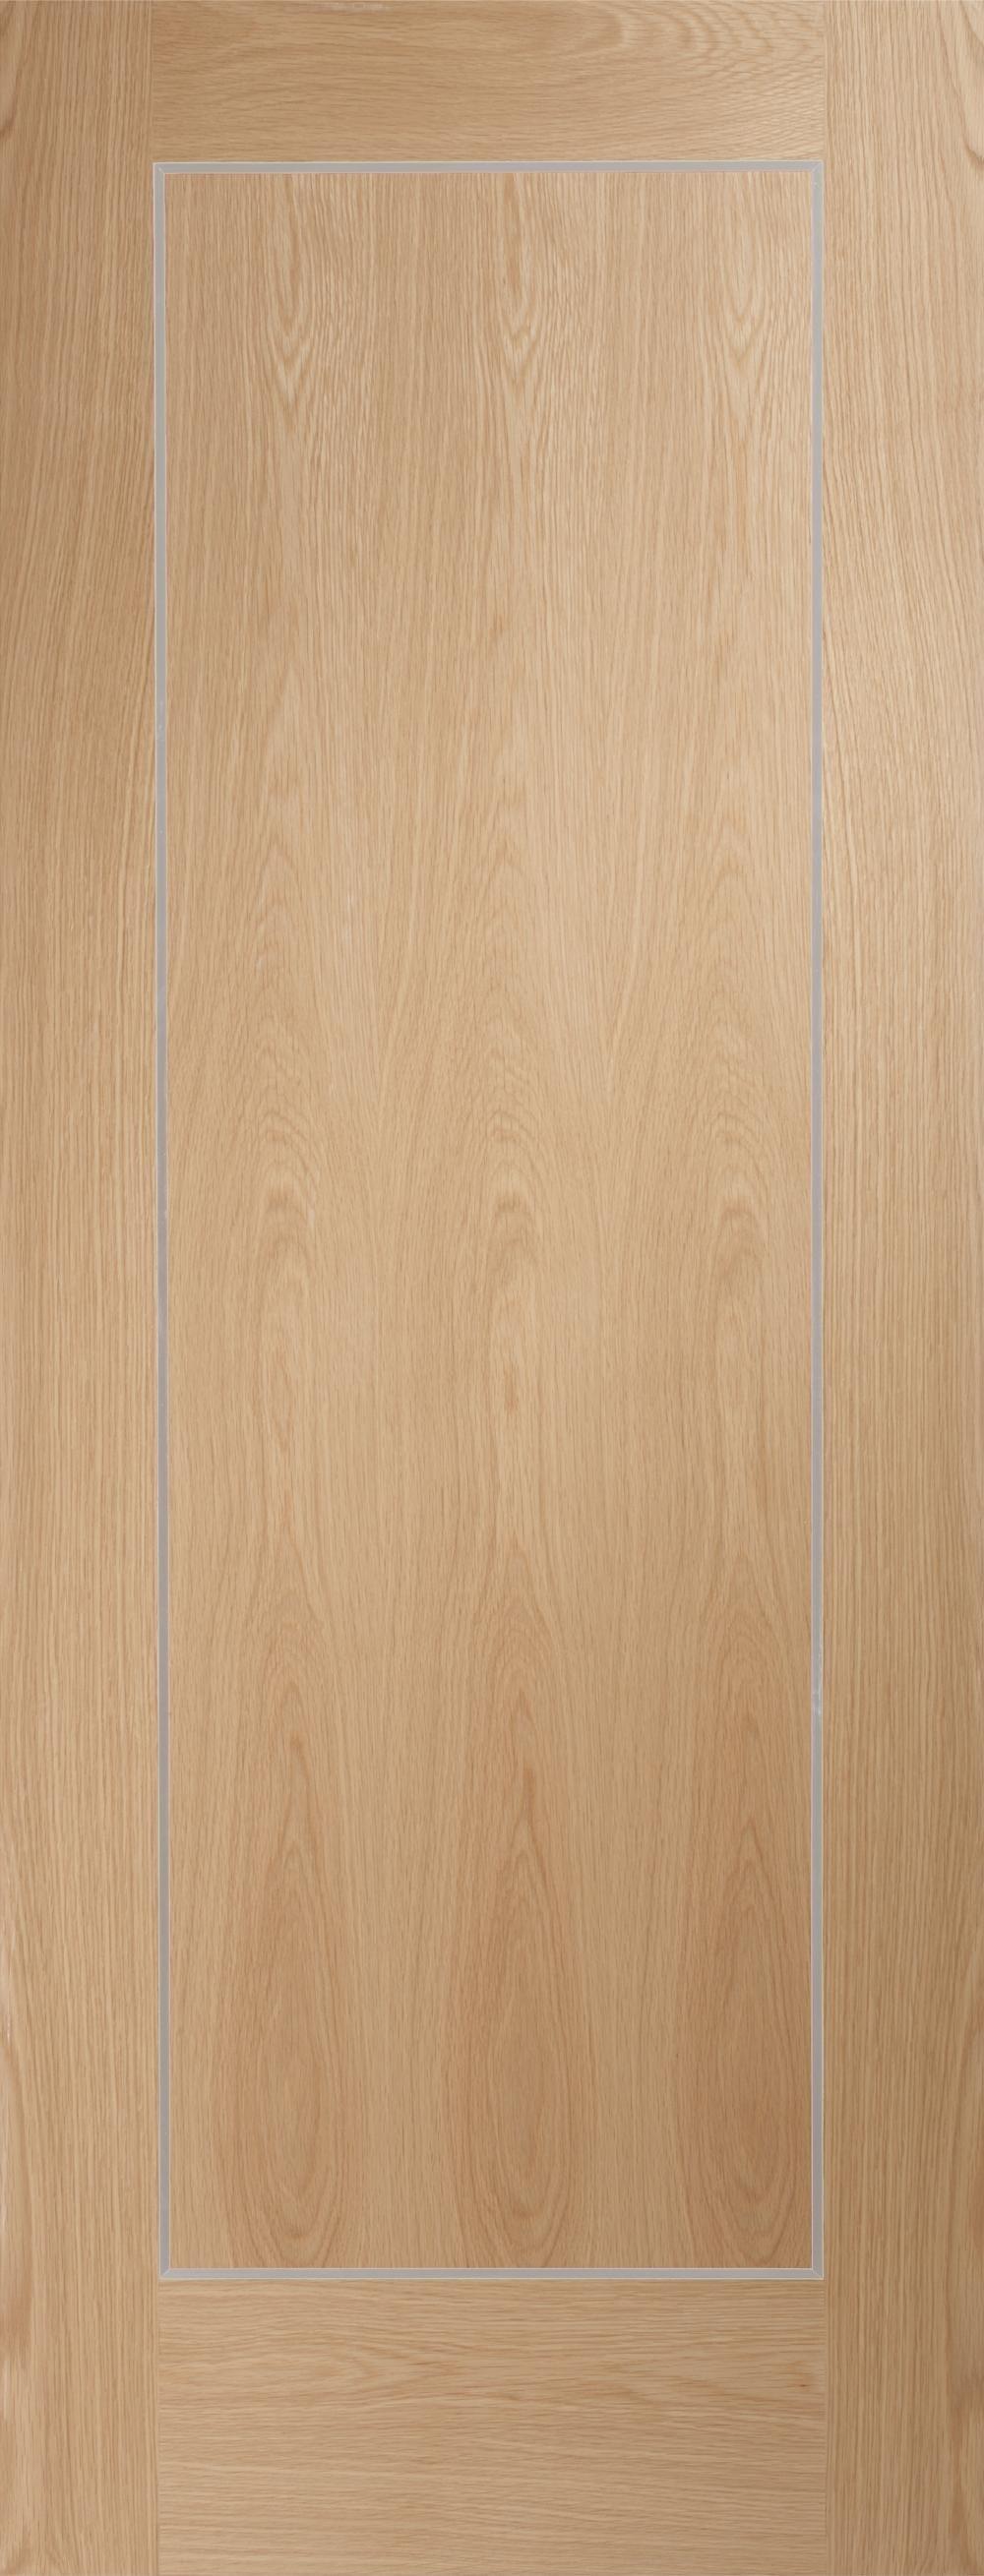 Varese Oak - Prefinished Image